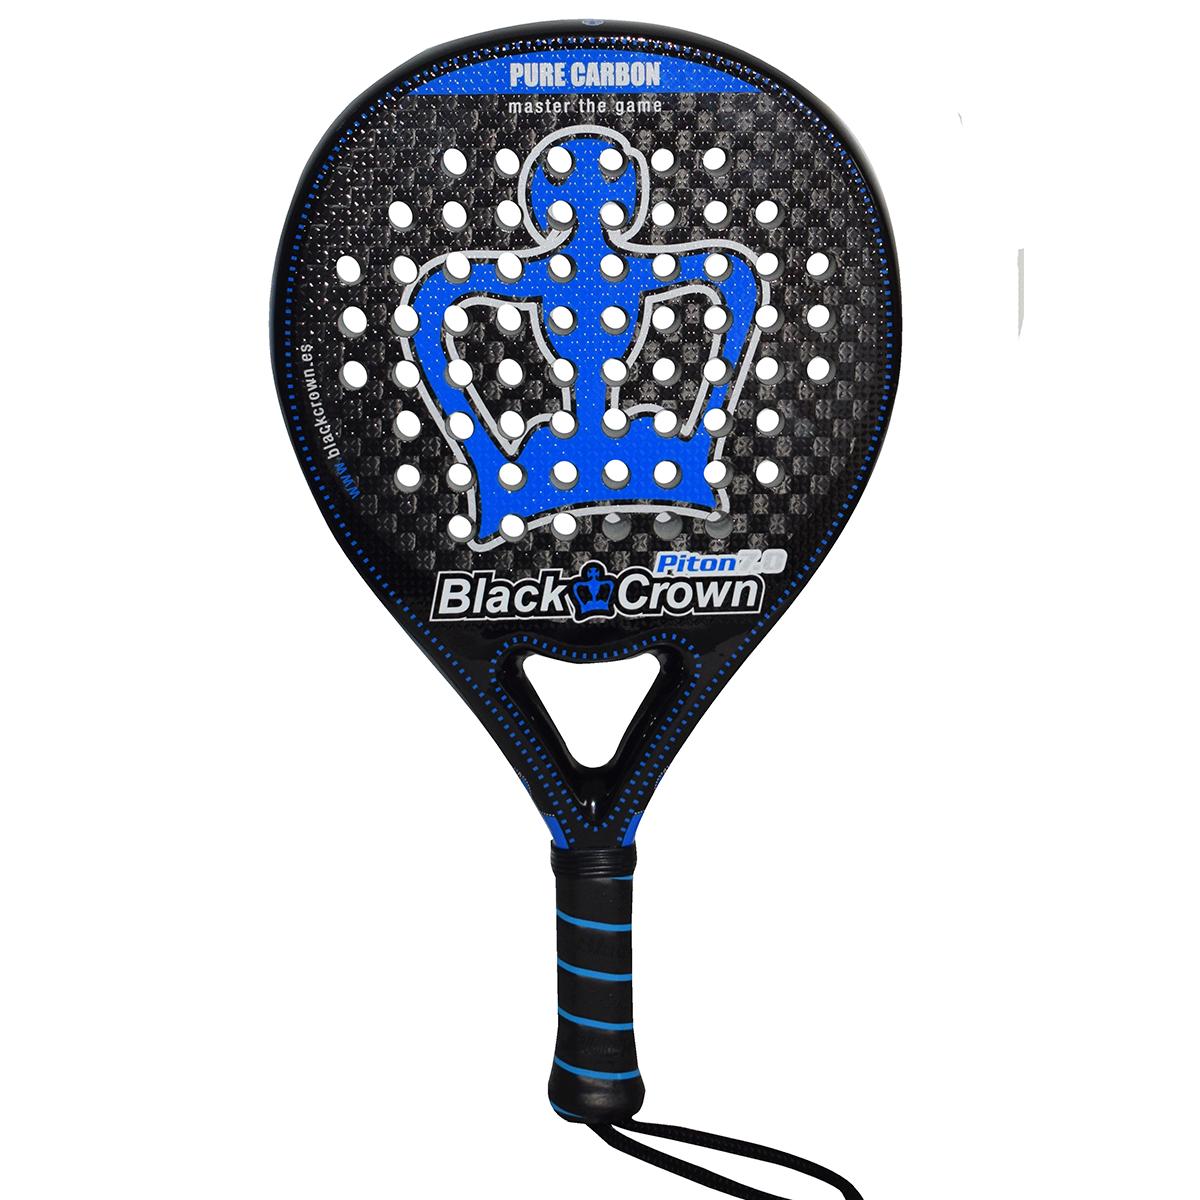 Padel Bat - Black Crown Piton 7.0